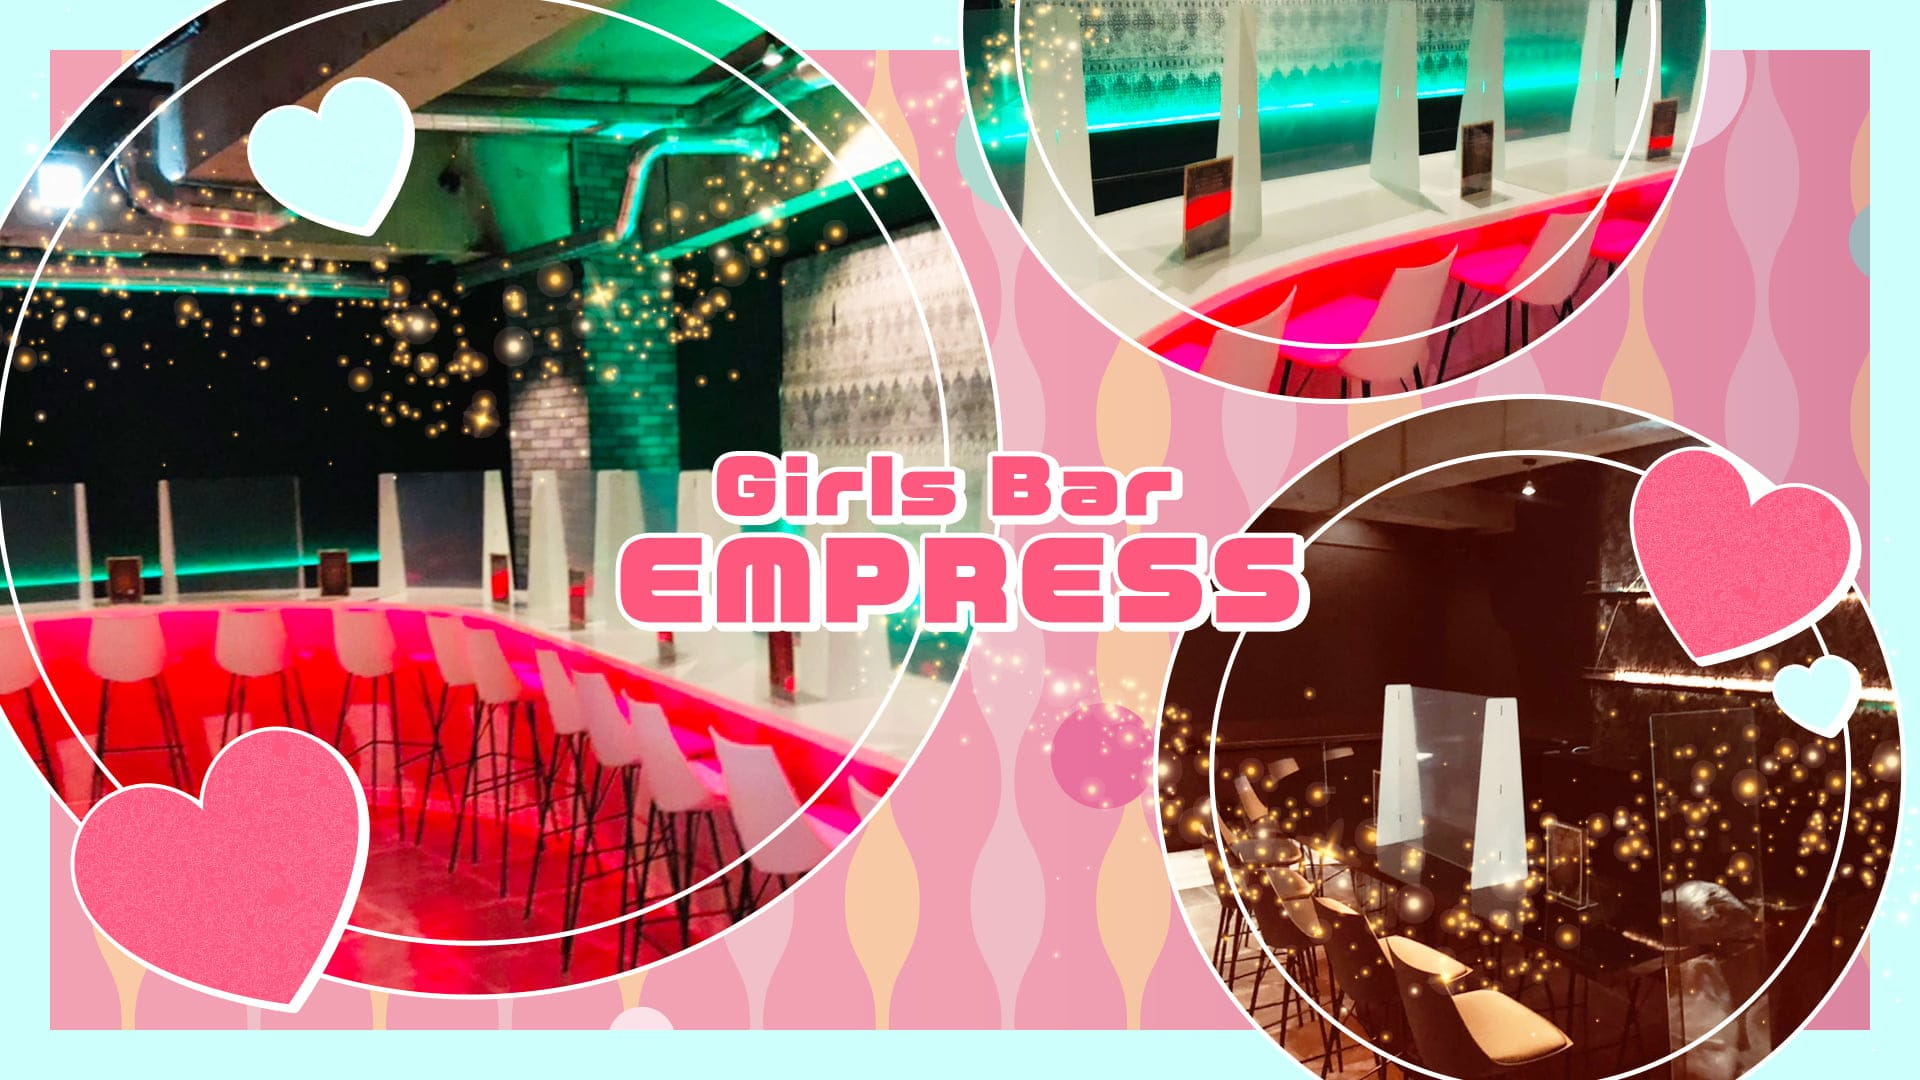 【八柱】Girls Bar EMPRESS(エンプレス)【公式求人・体入情報】 西船橋ガールズバー TOP画像